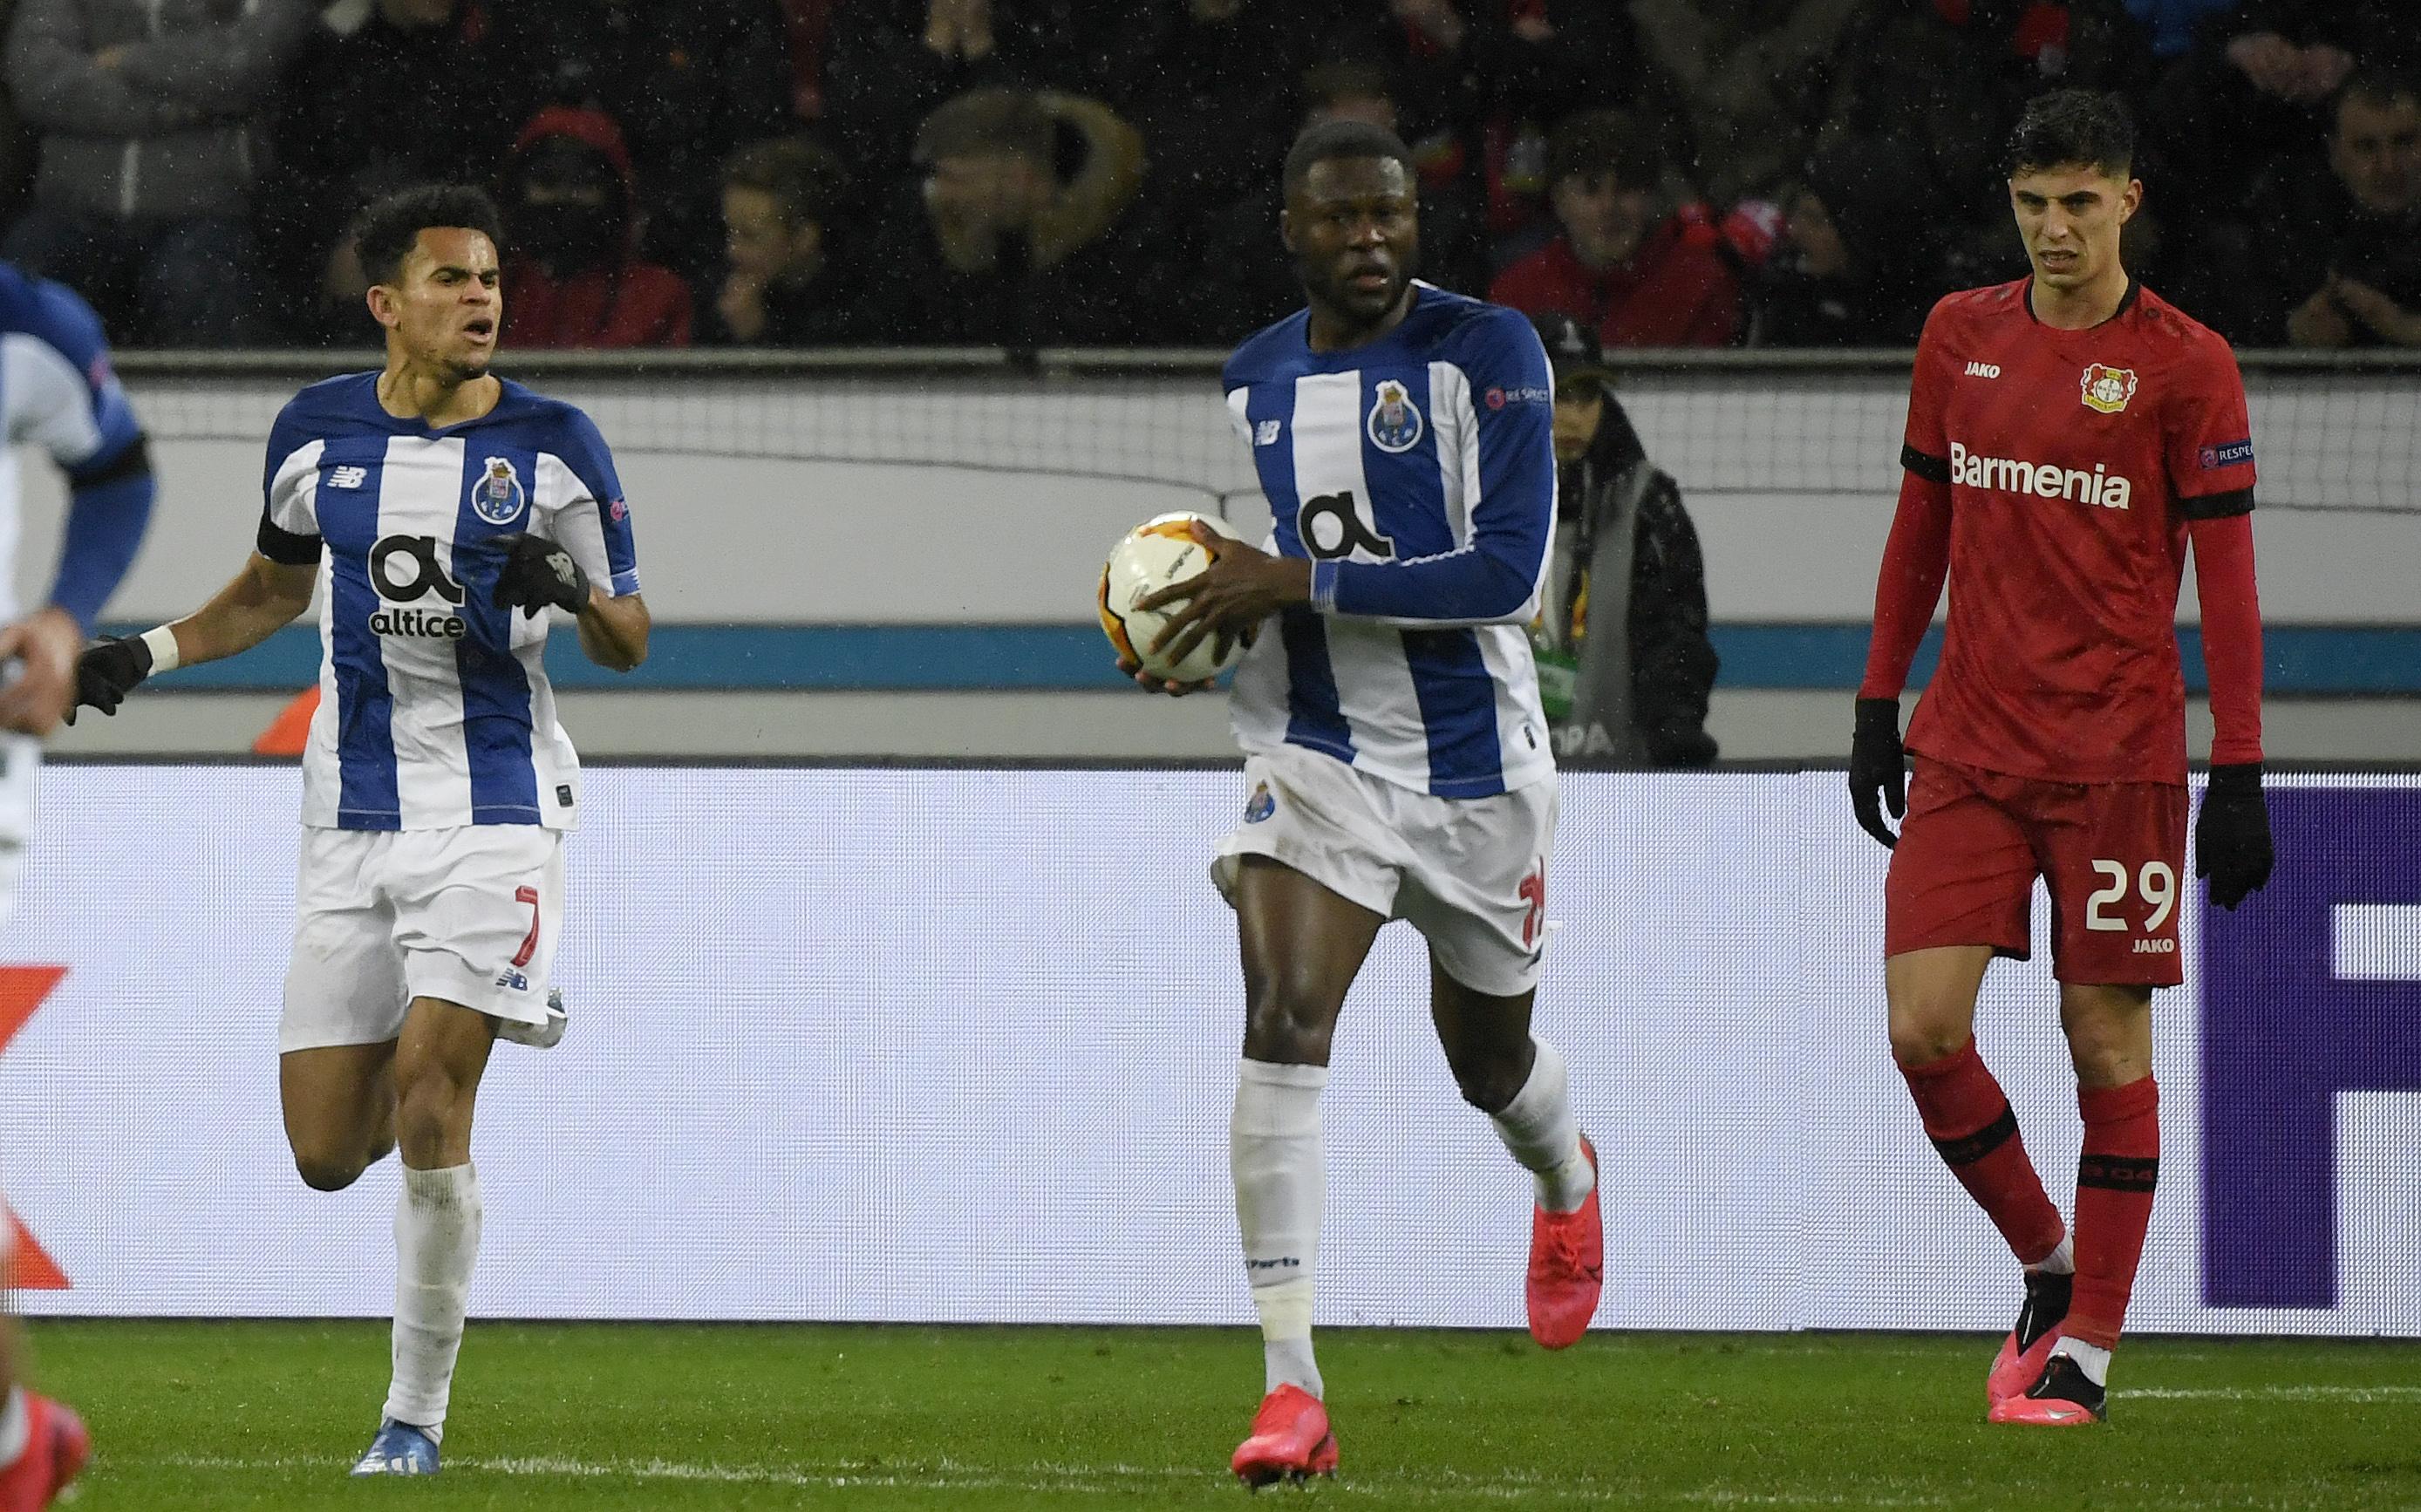 Luis Díaz celebrando su gol y alentando a sus compañeros a ir por el empate que no se pudo dar.